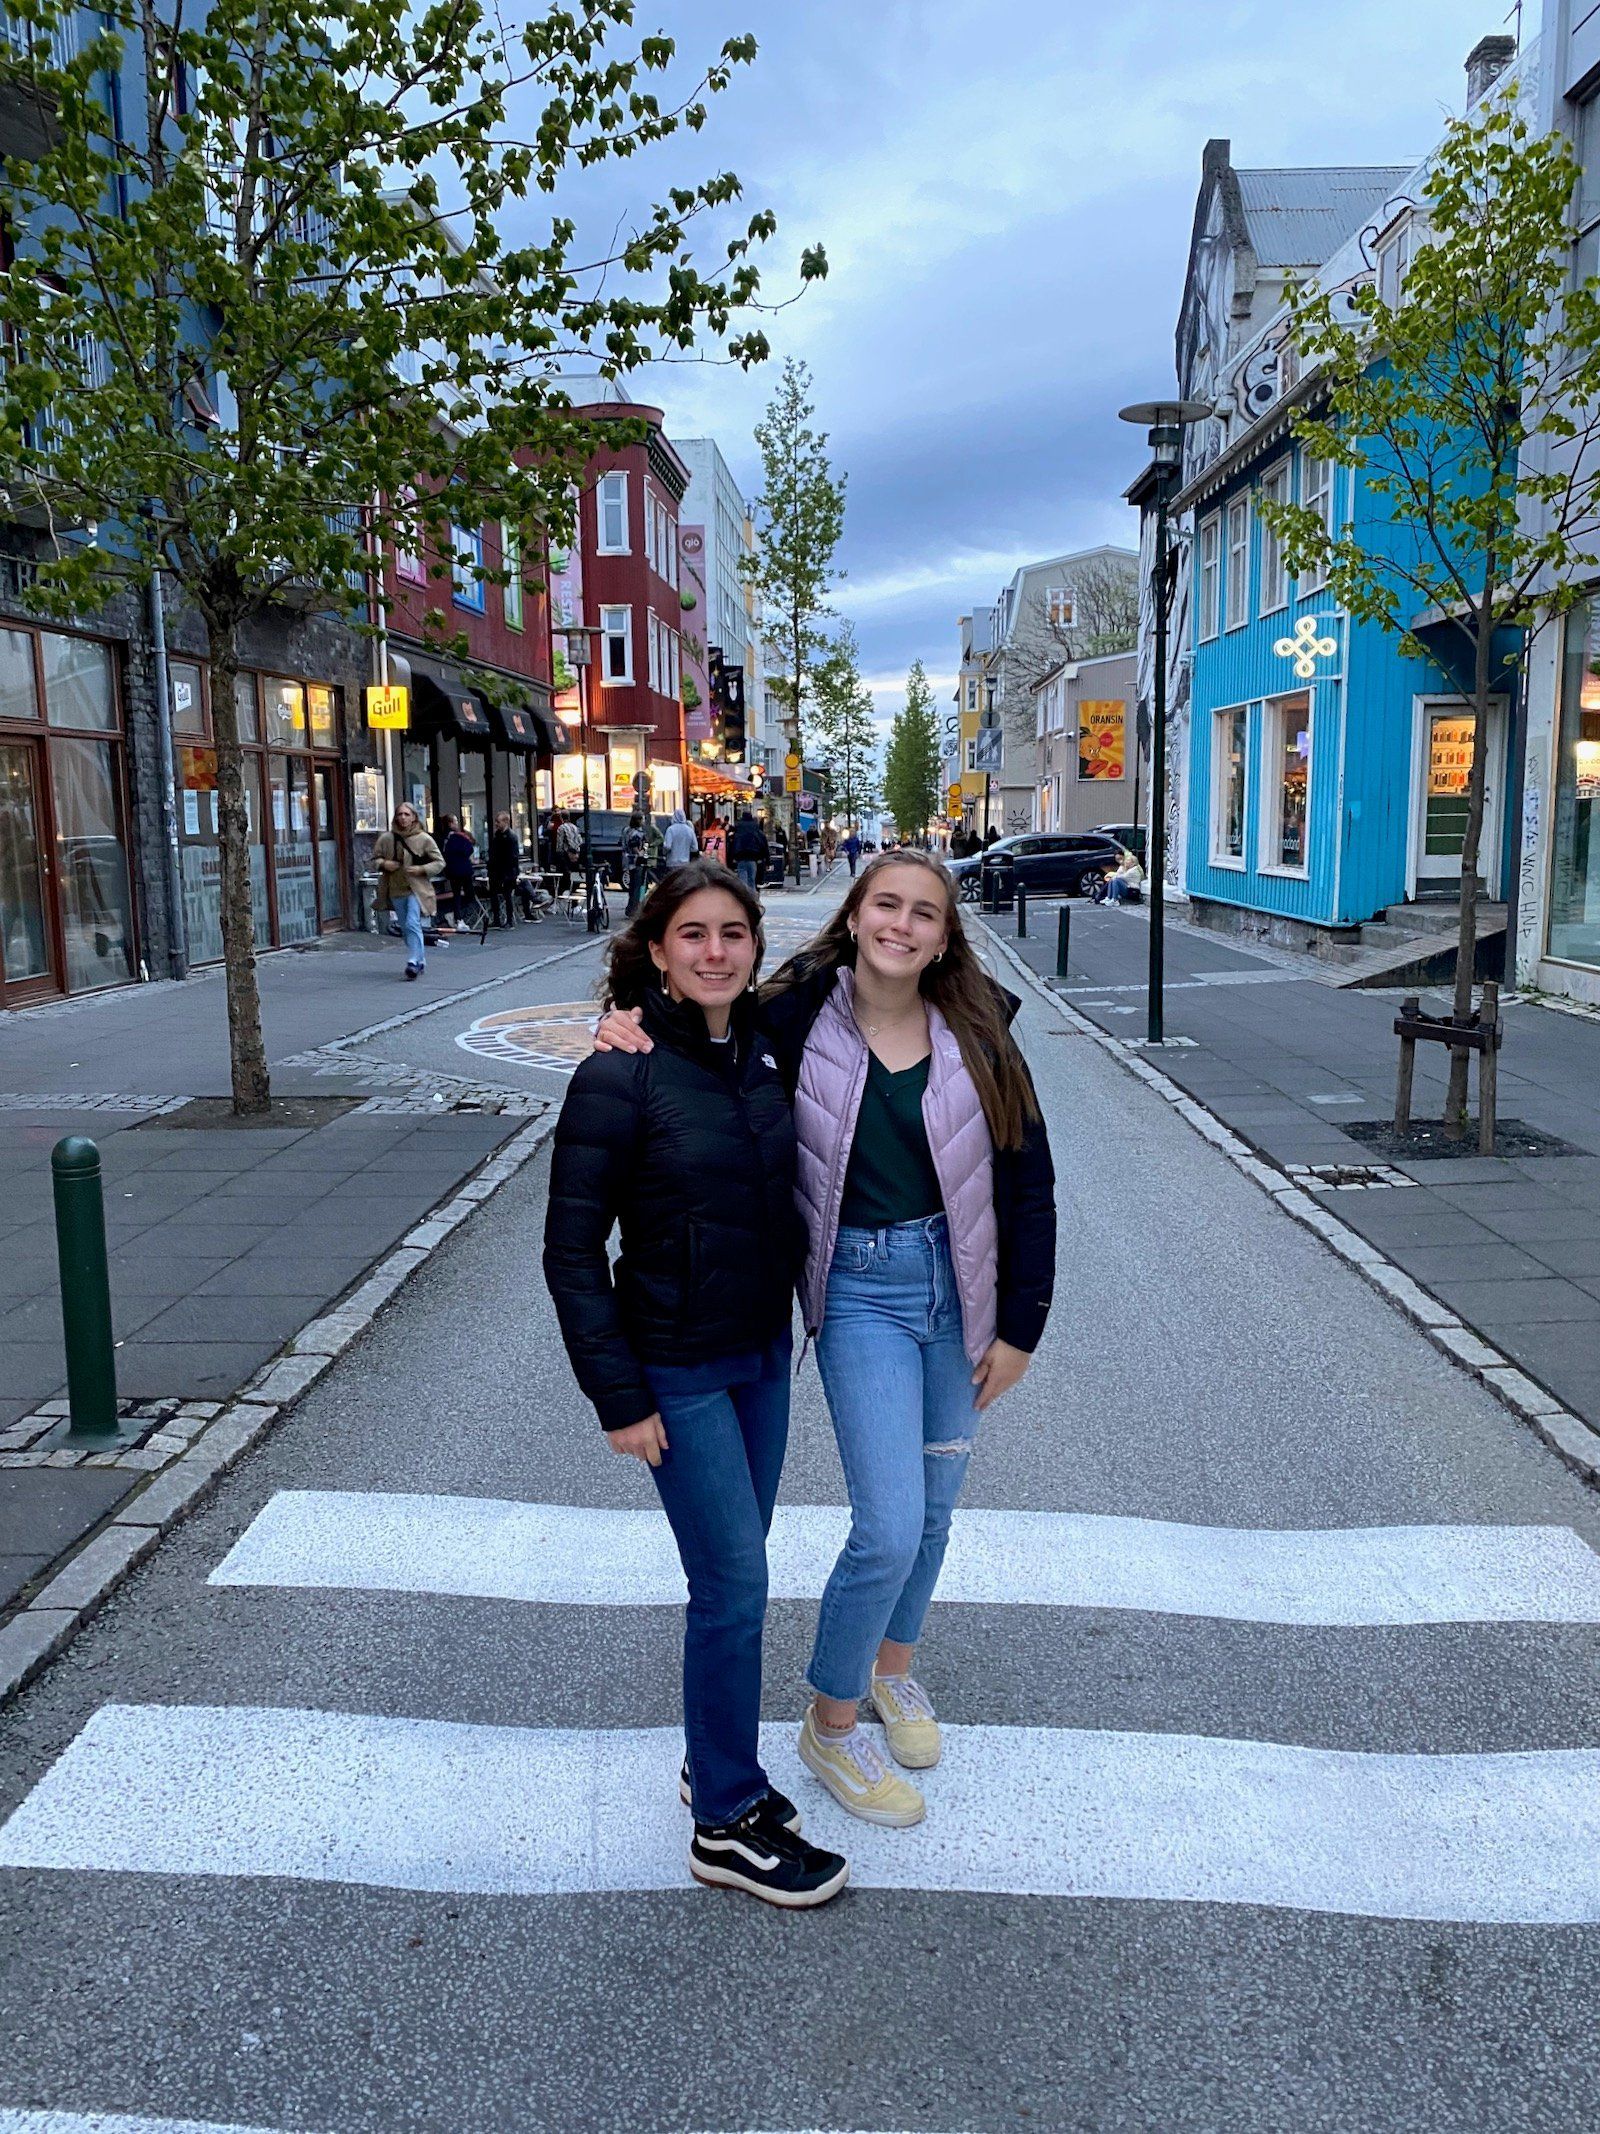 Sisters posing in the streets of Reykjavík.